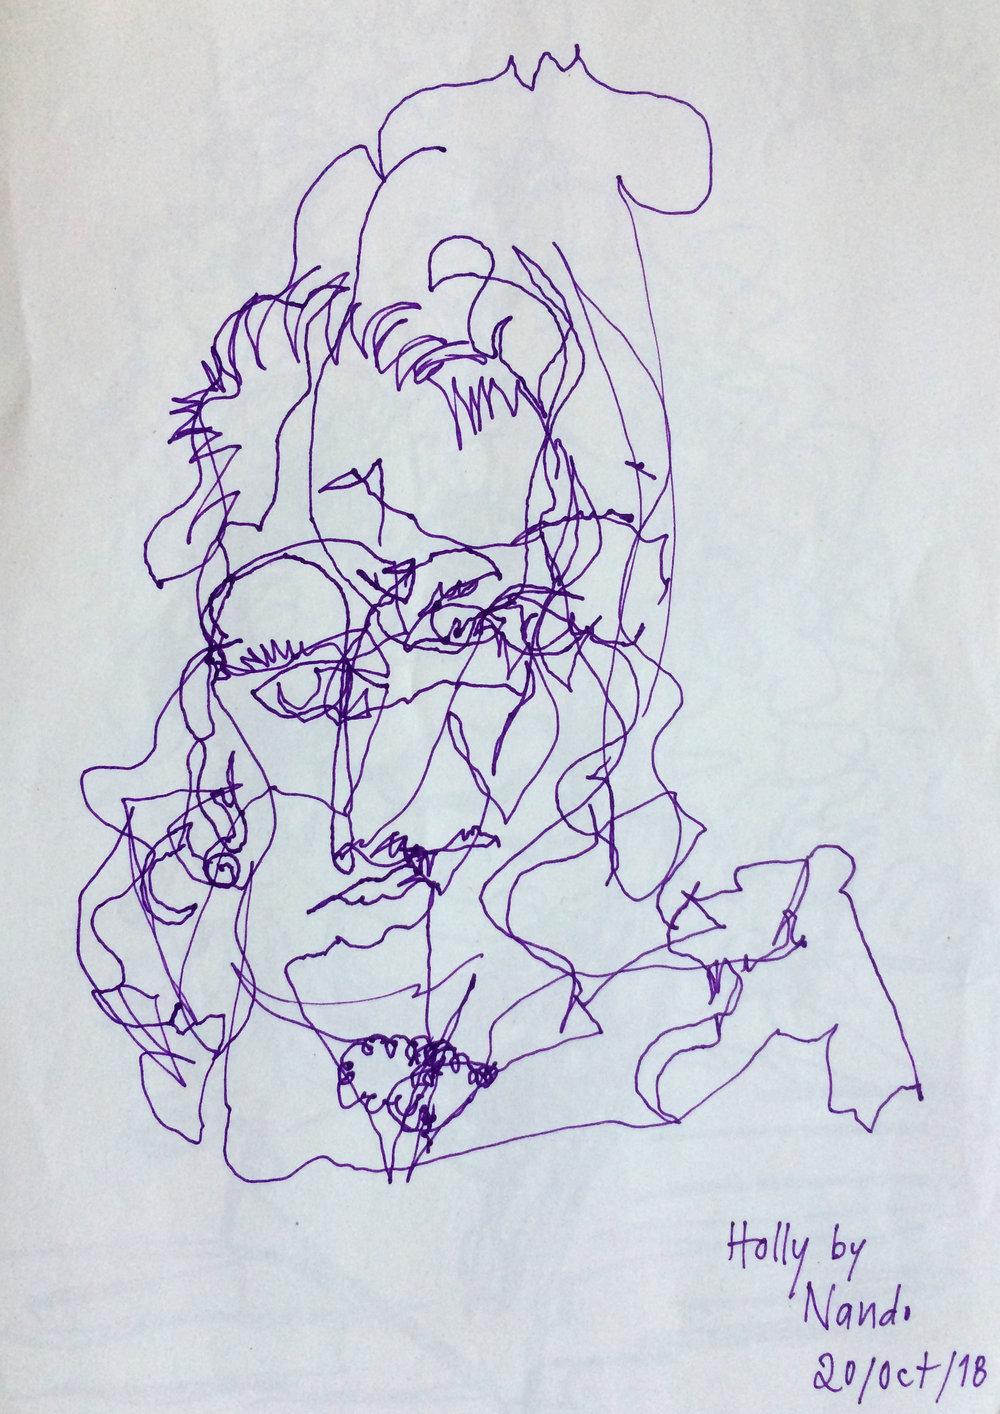 me-by-nando.JPG